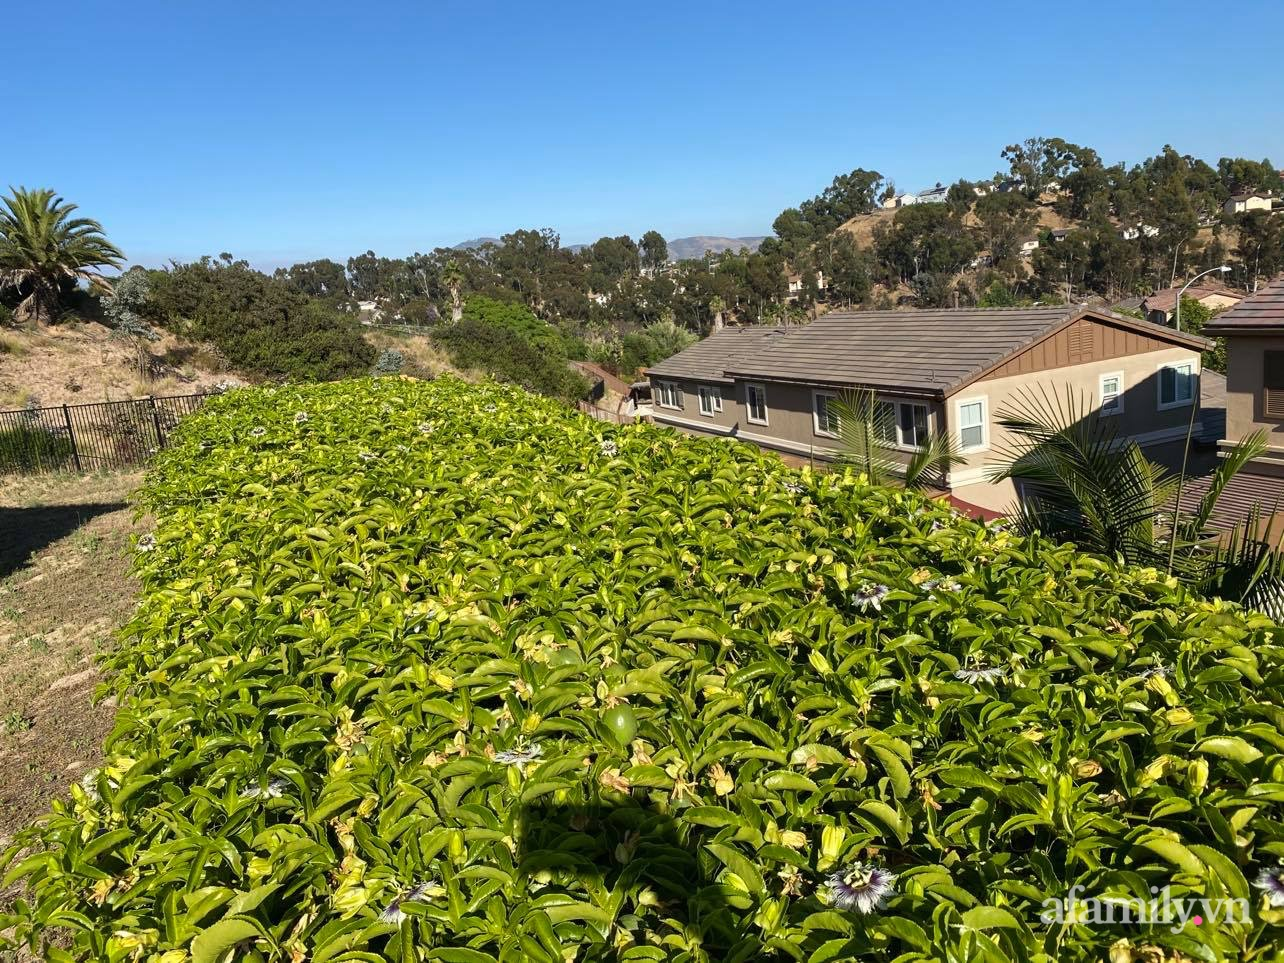 Khu vườn 800m² phủ kín đủ loại rau quả sạch của mẹ Việt đảm yêu cây - Ảnh 8.